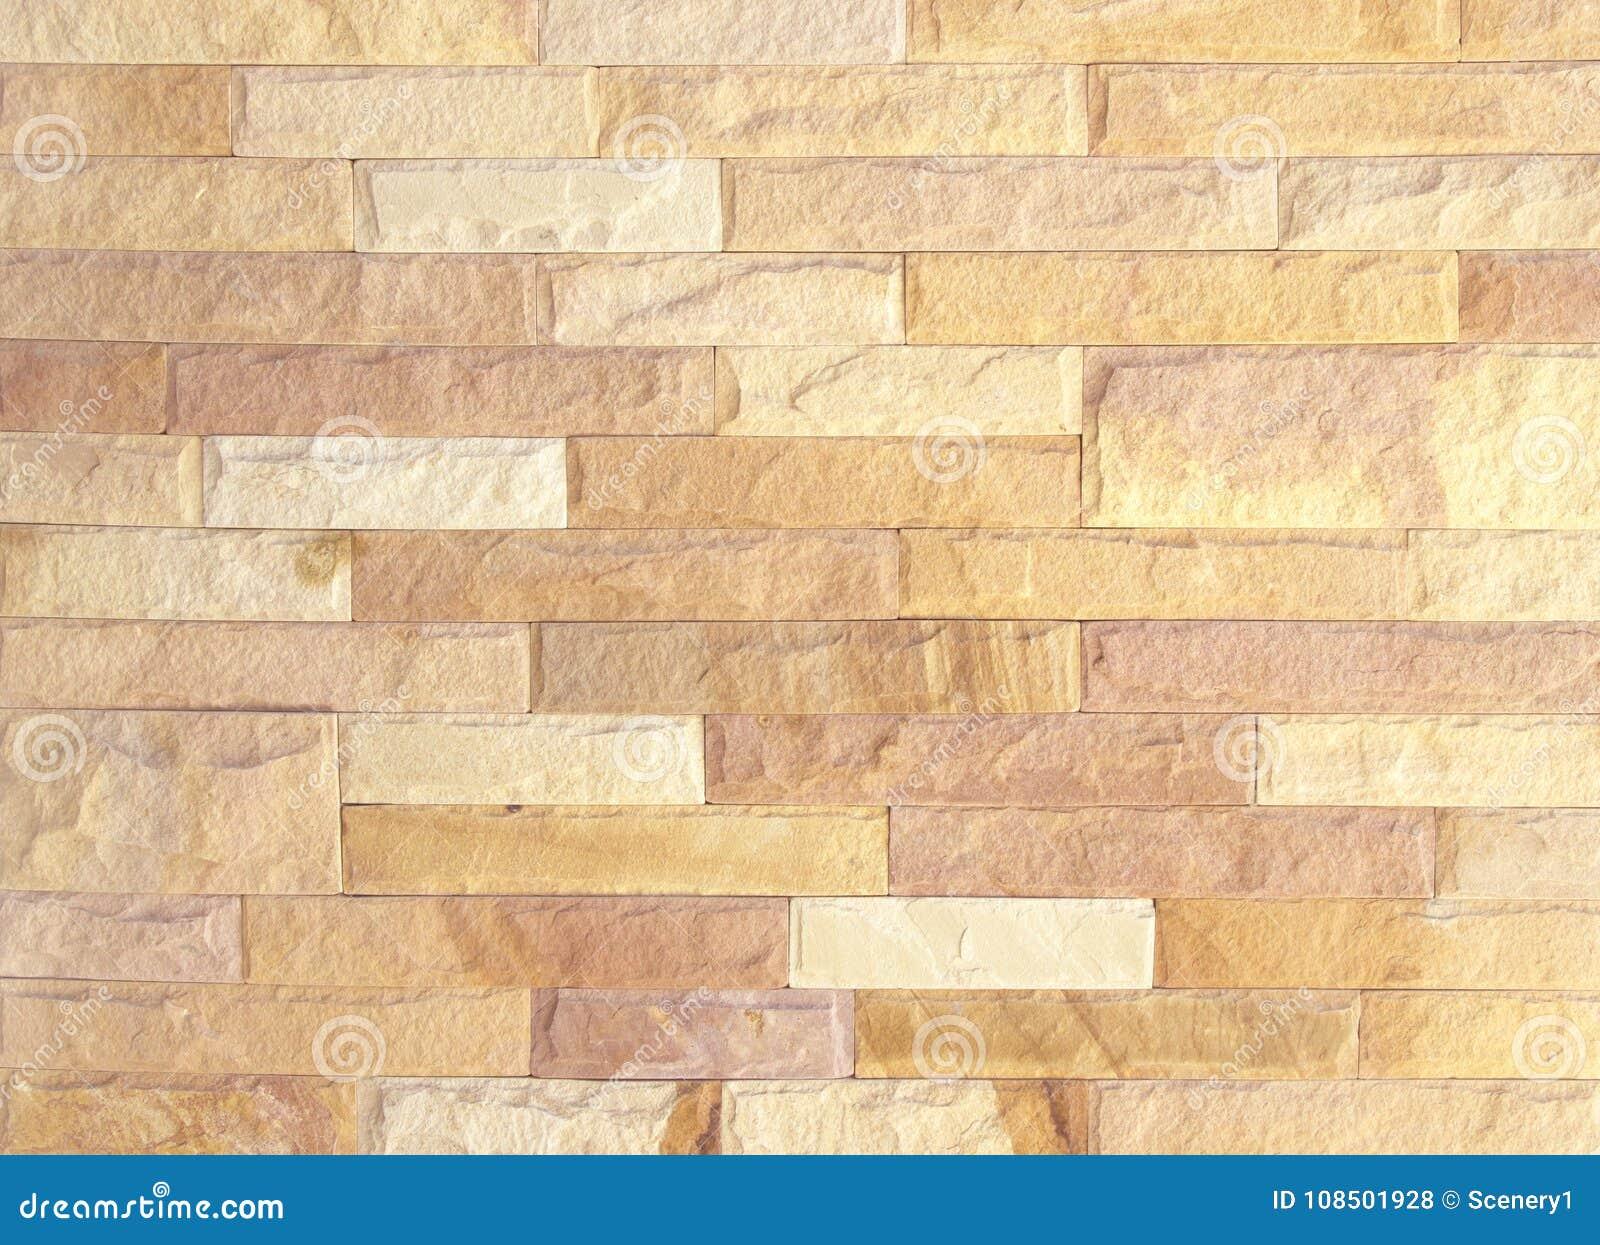 Weiße Steinwand weiße steinwand stockfoto. bild von material, feld, nave - 108501928